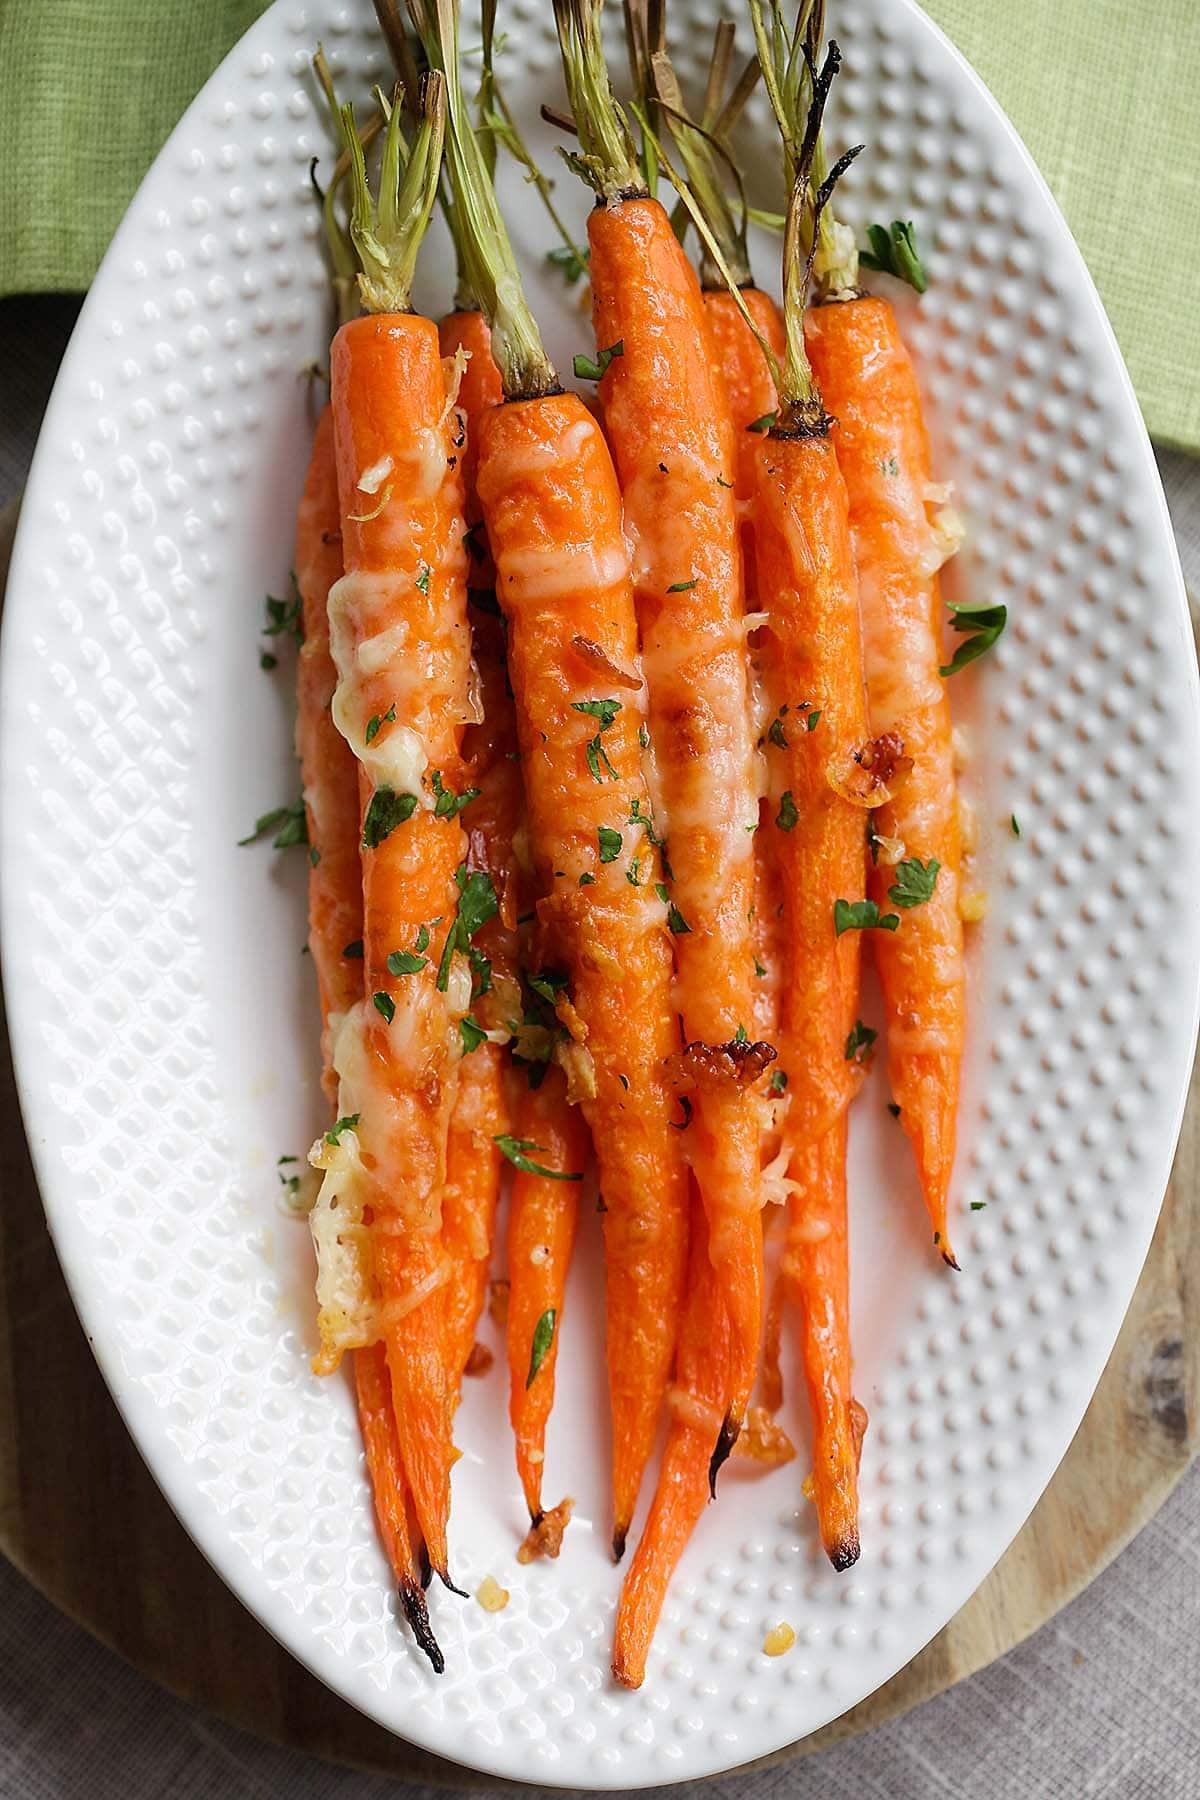 La recette de carottes rôties est saine et idéale pour les enfants.